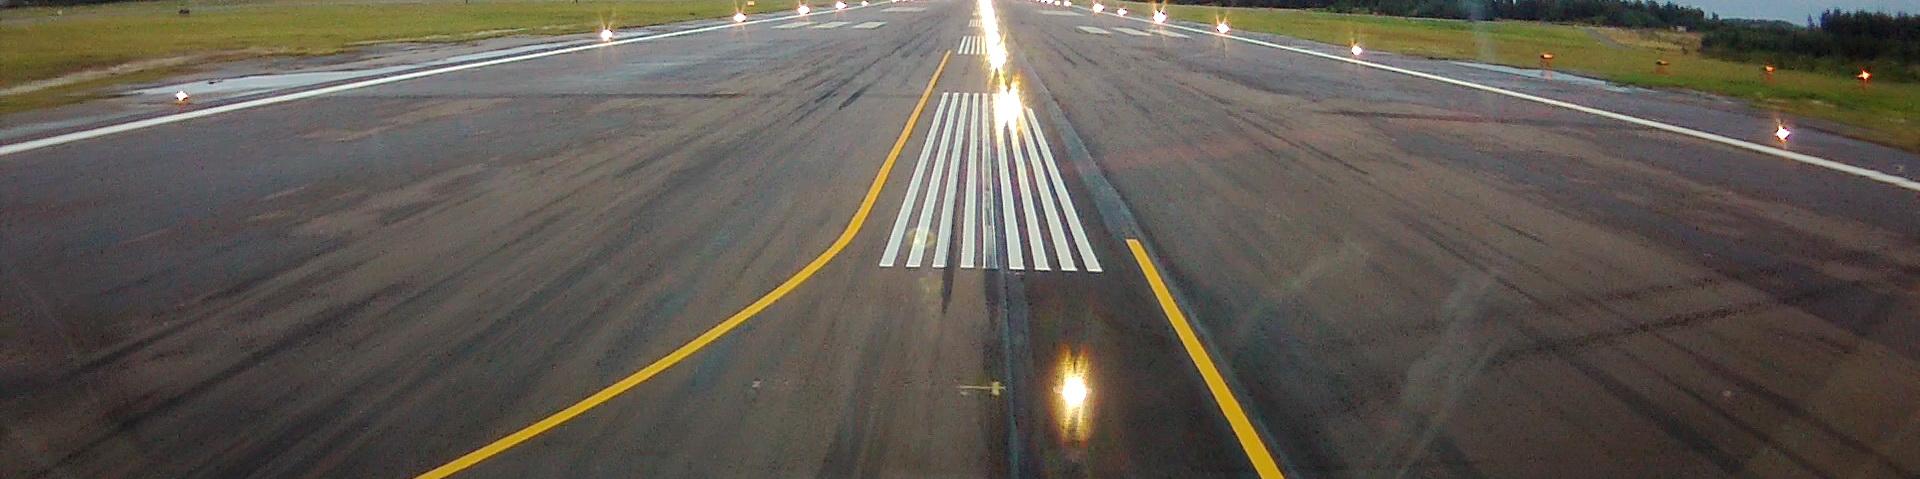 banner_bermuda_airport